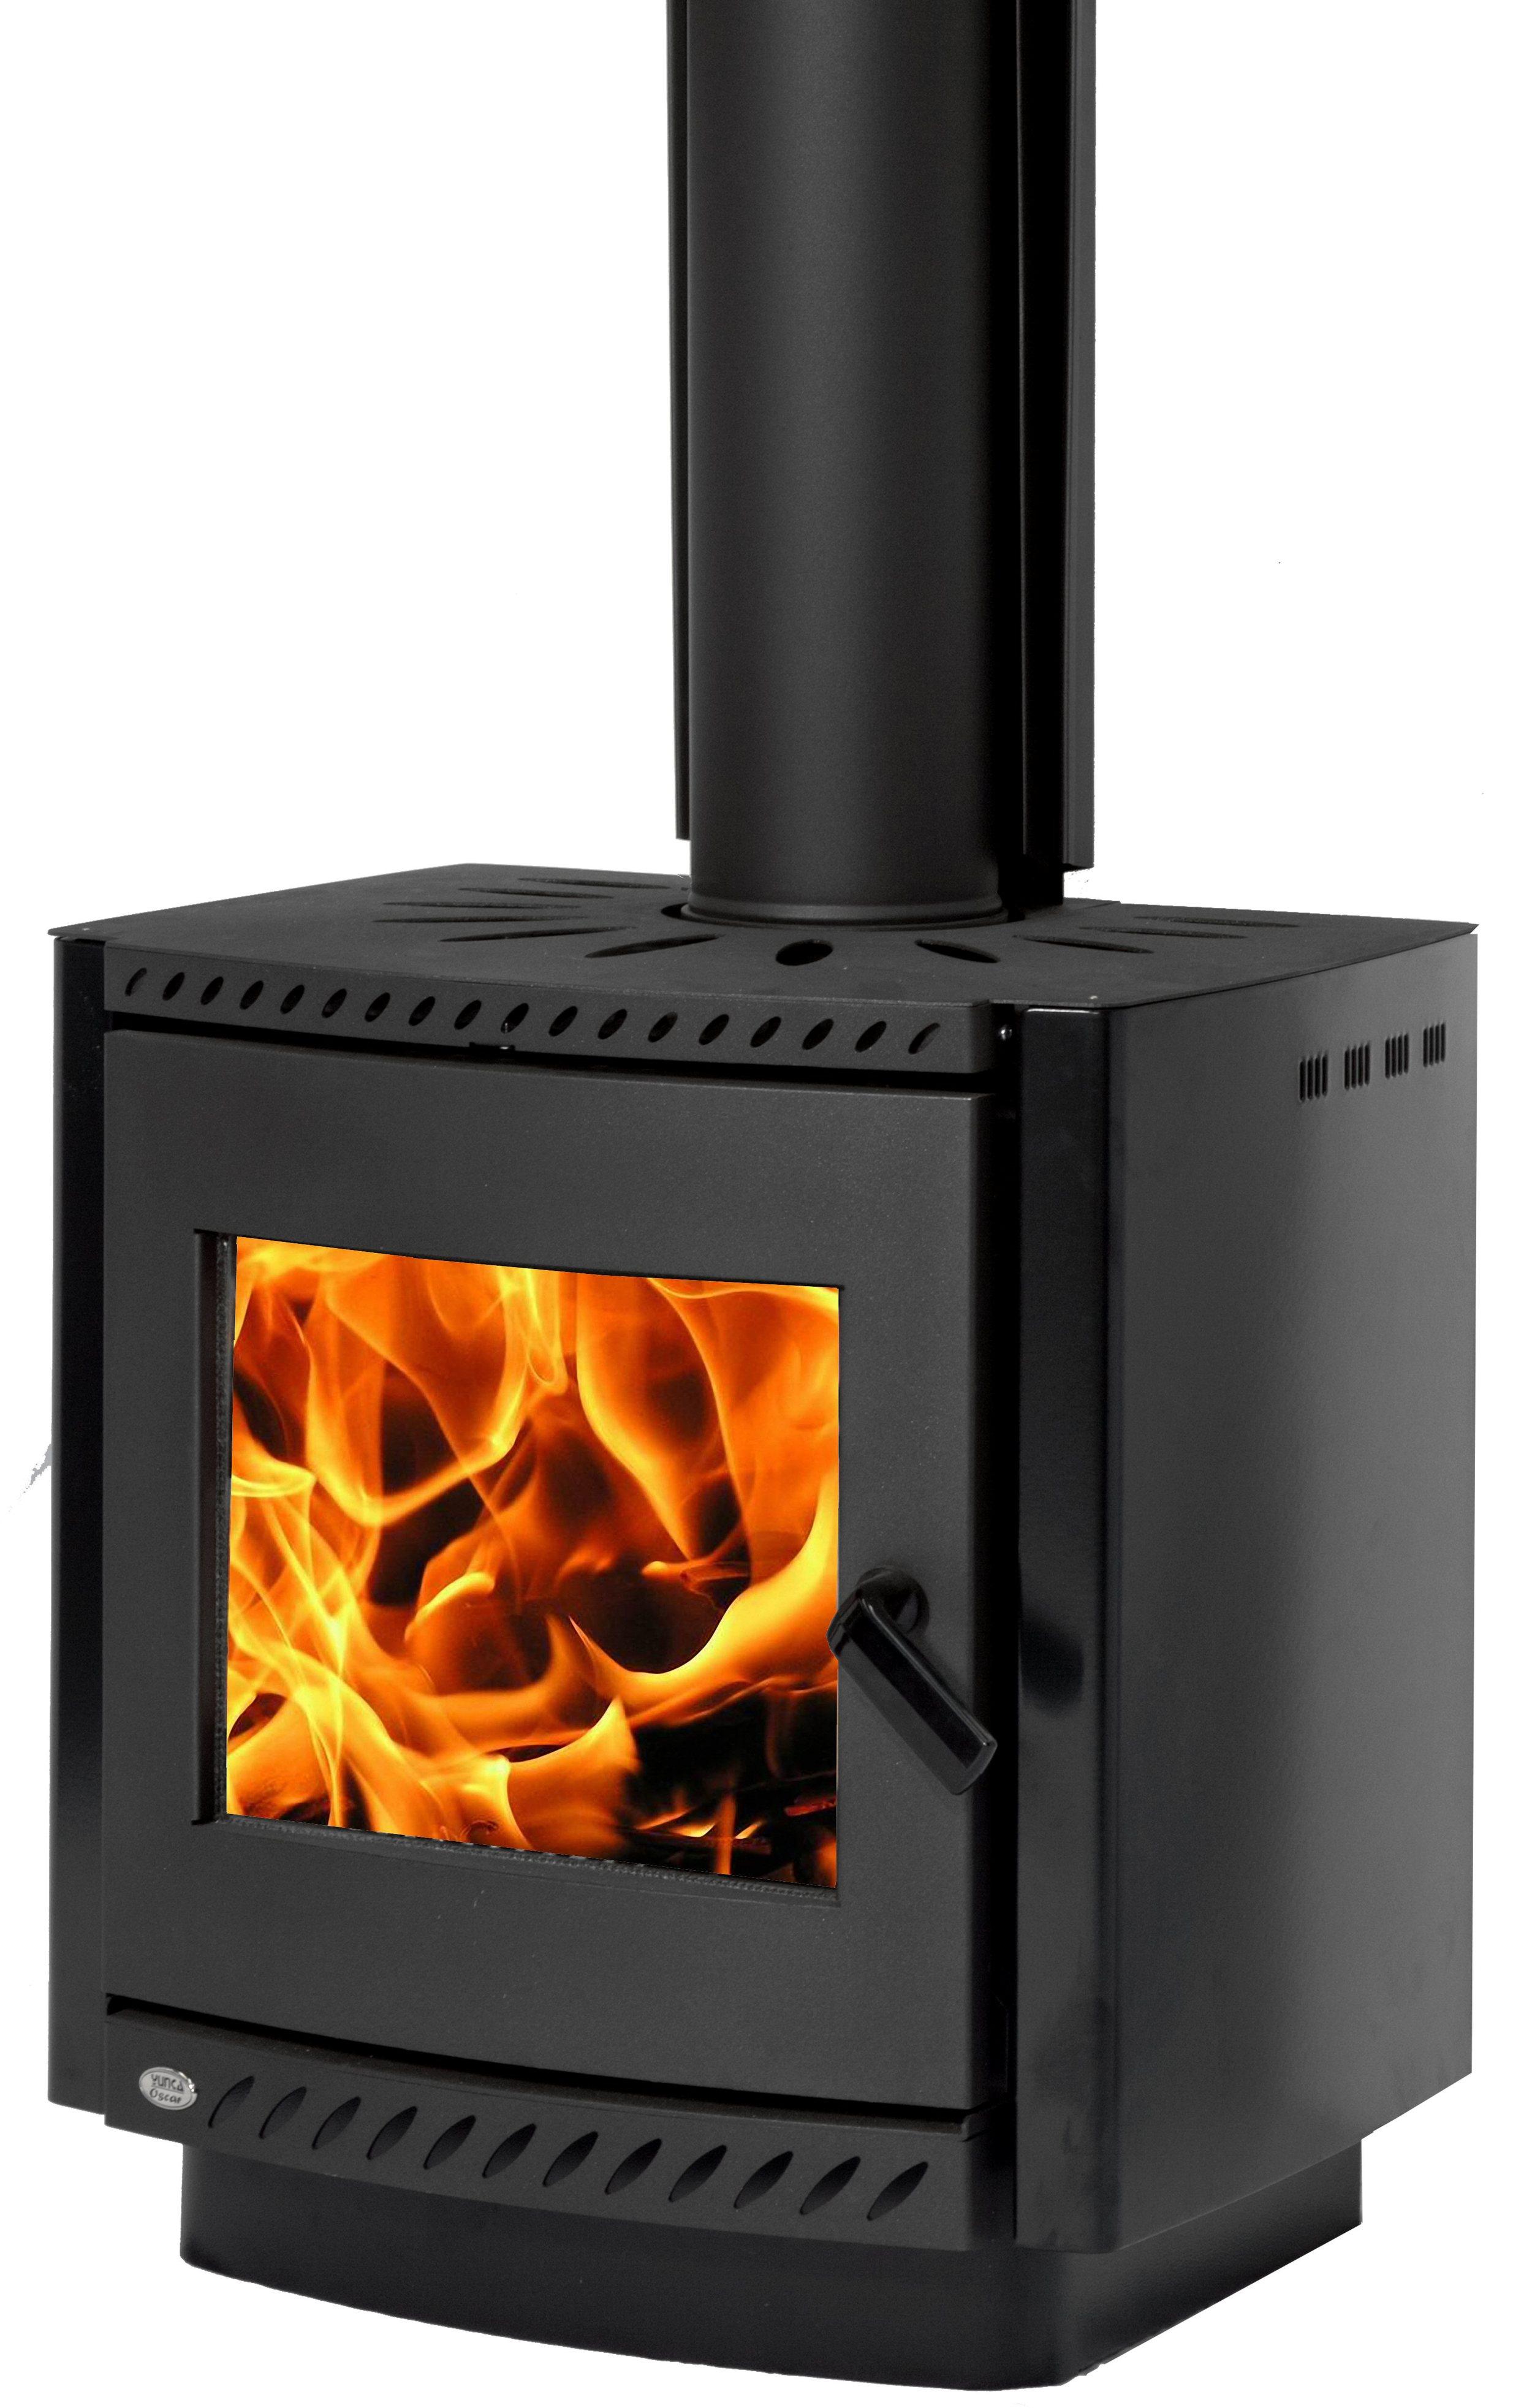 Oscar - Our low emission's wood burner